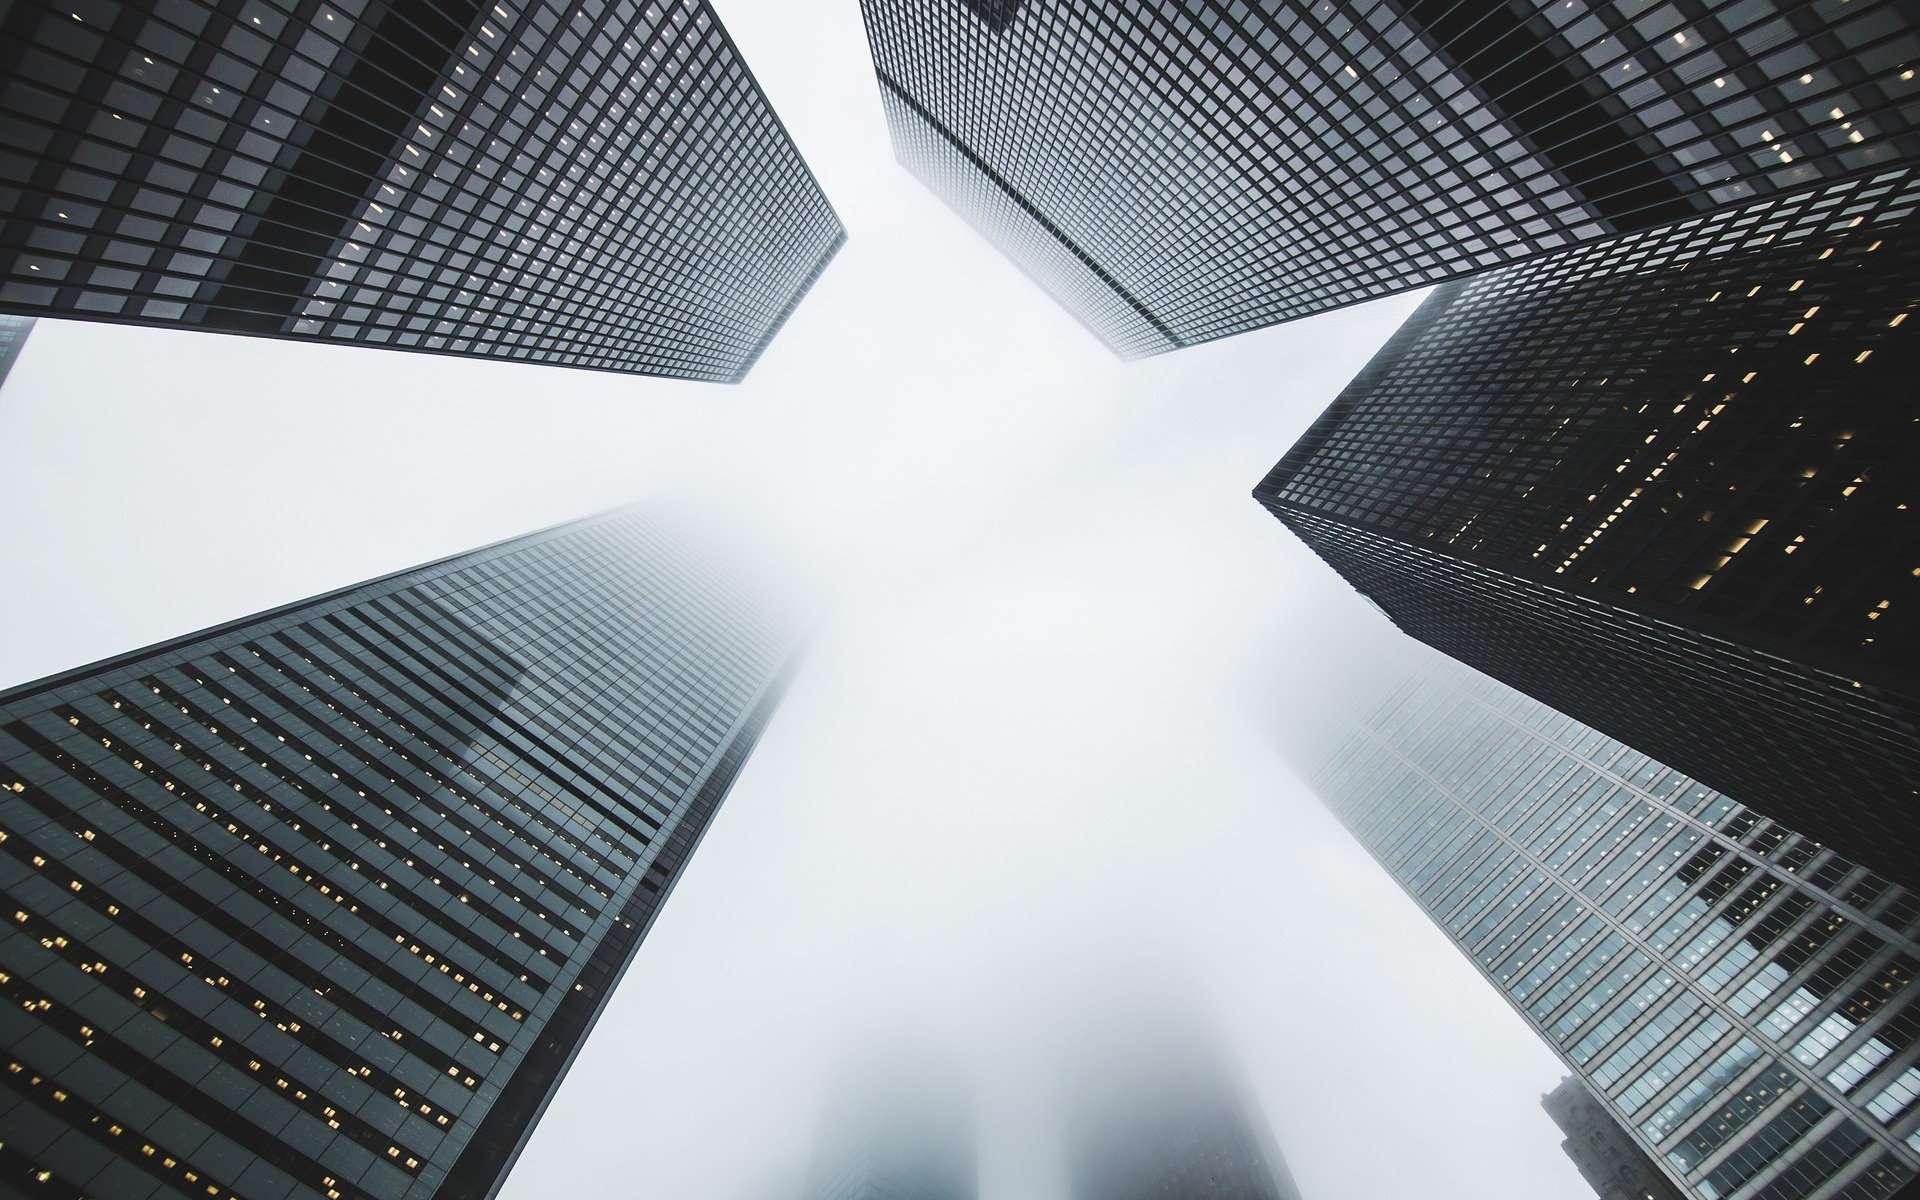 Cette batterie en ciment pourrait transformer les immeubles et routes en accumulateurs géants. © Free-Photos, Pixabay